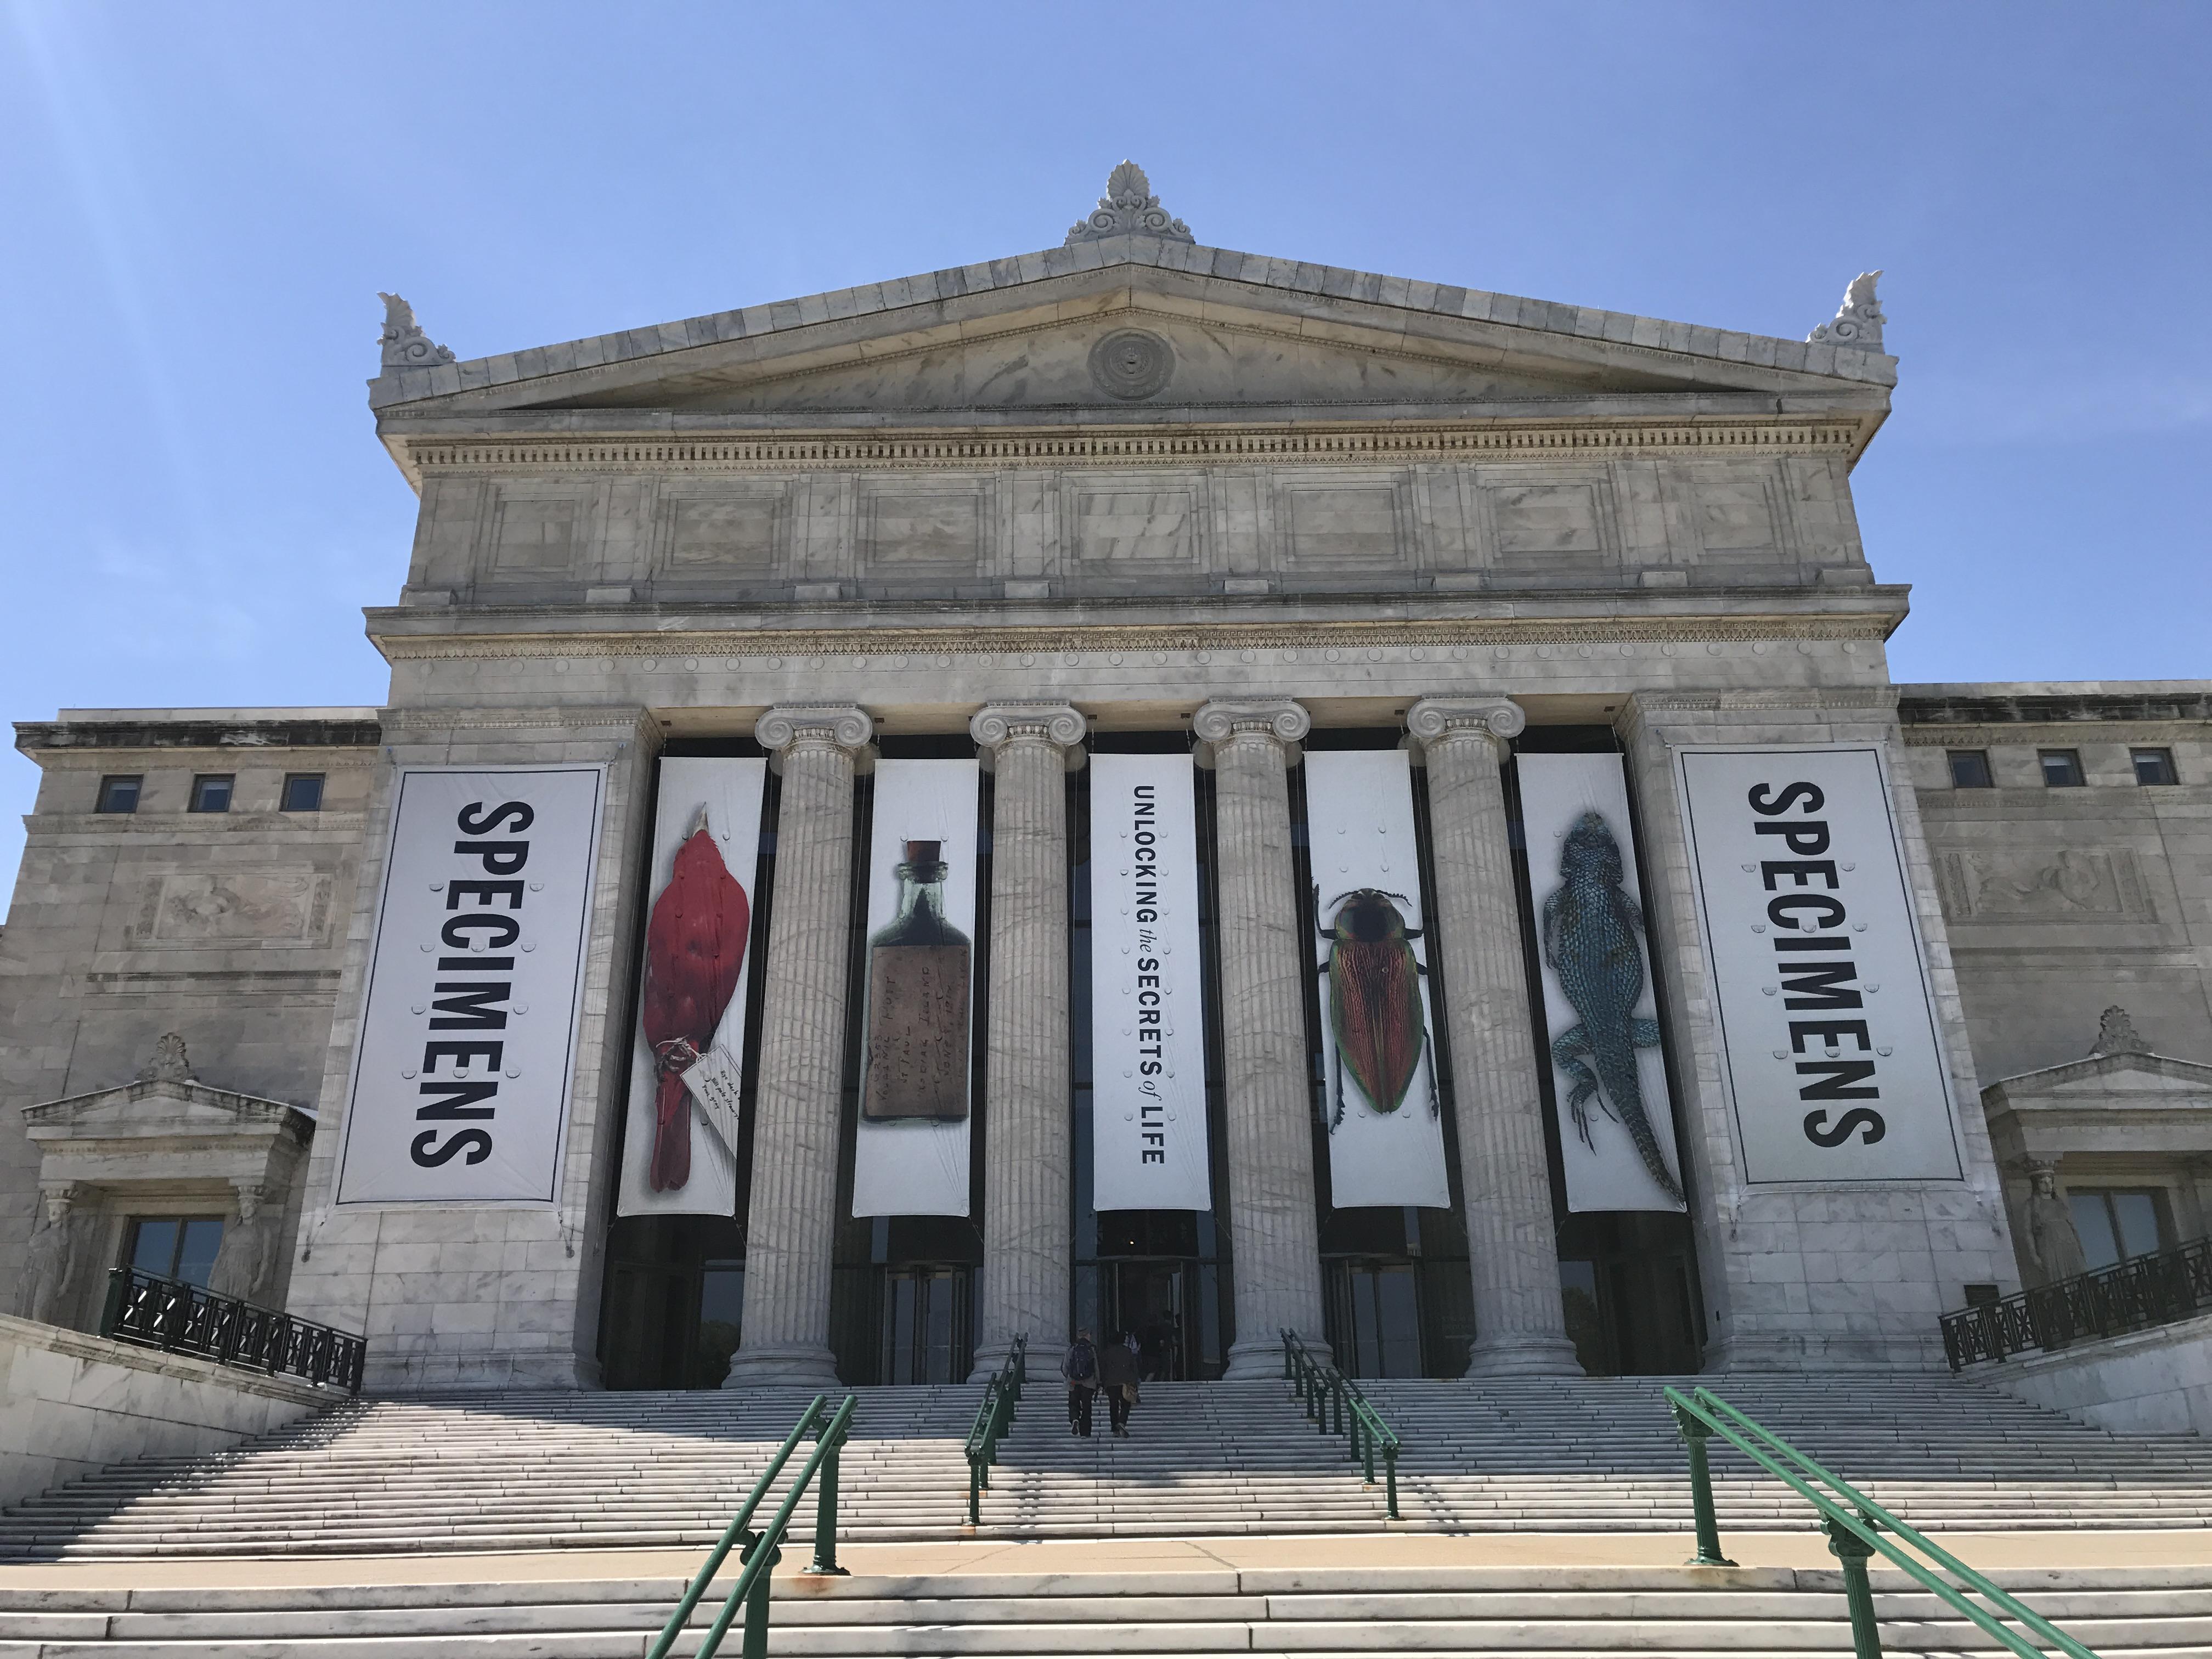 Qué hacer y qué visitar en Chicago museos